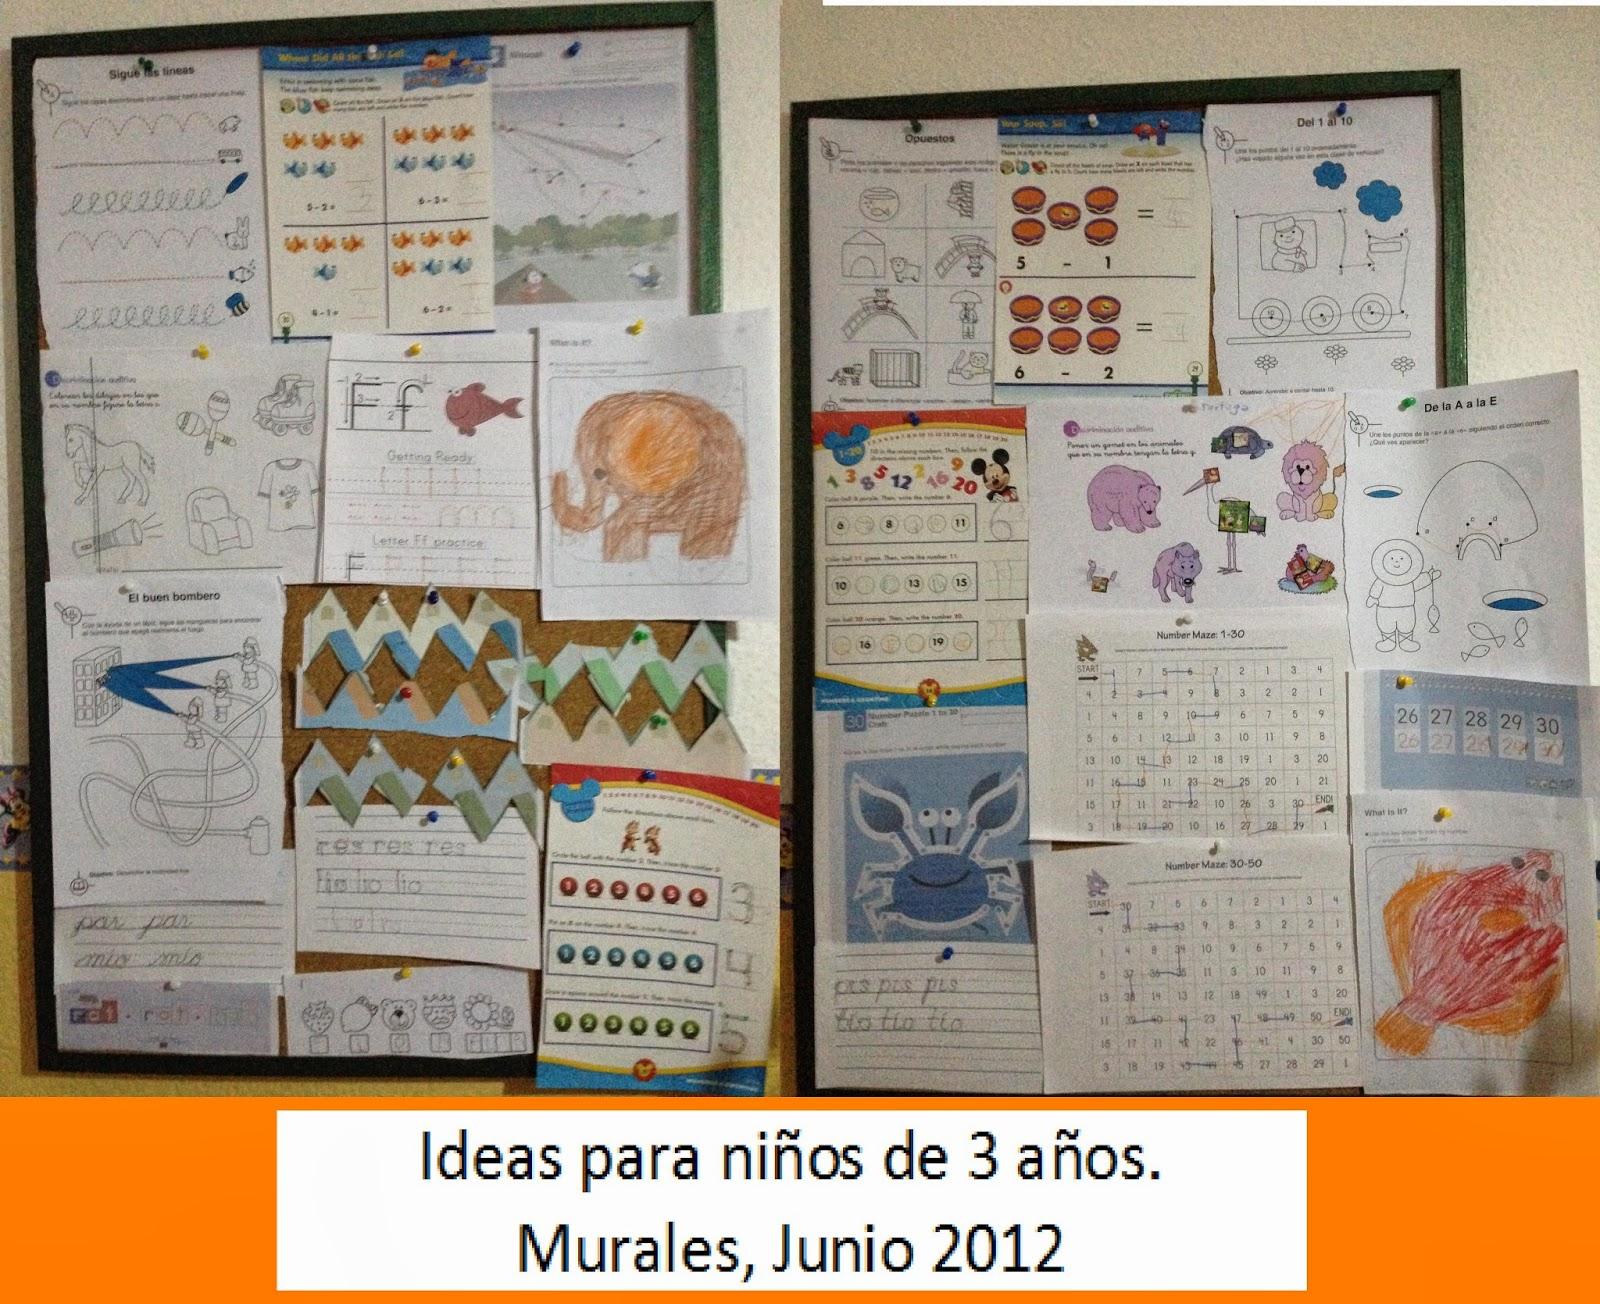 Ideas para niños de 3 años, educacion, hs, motricidad fina